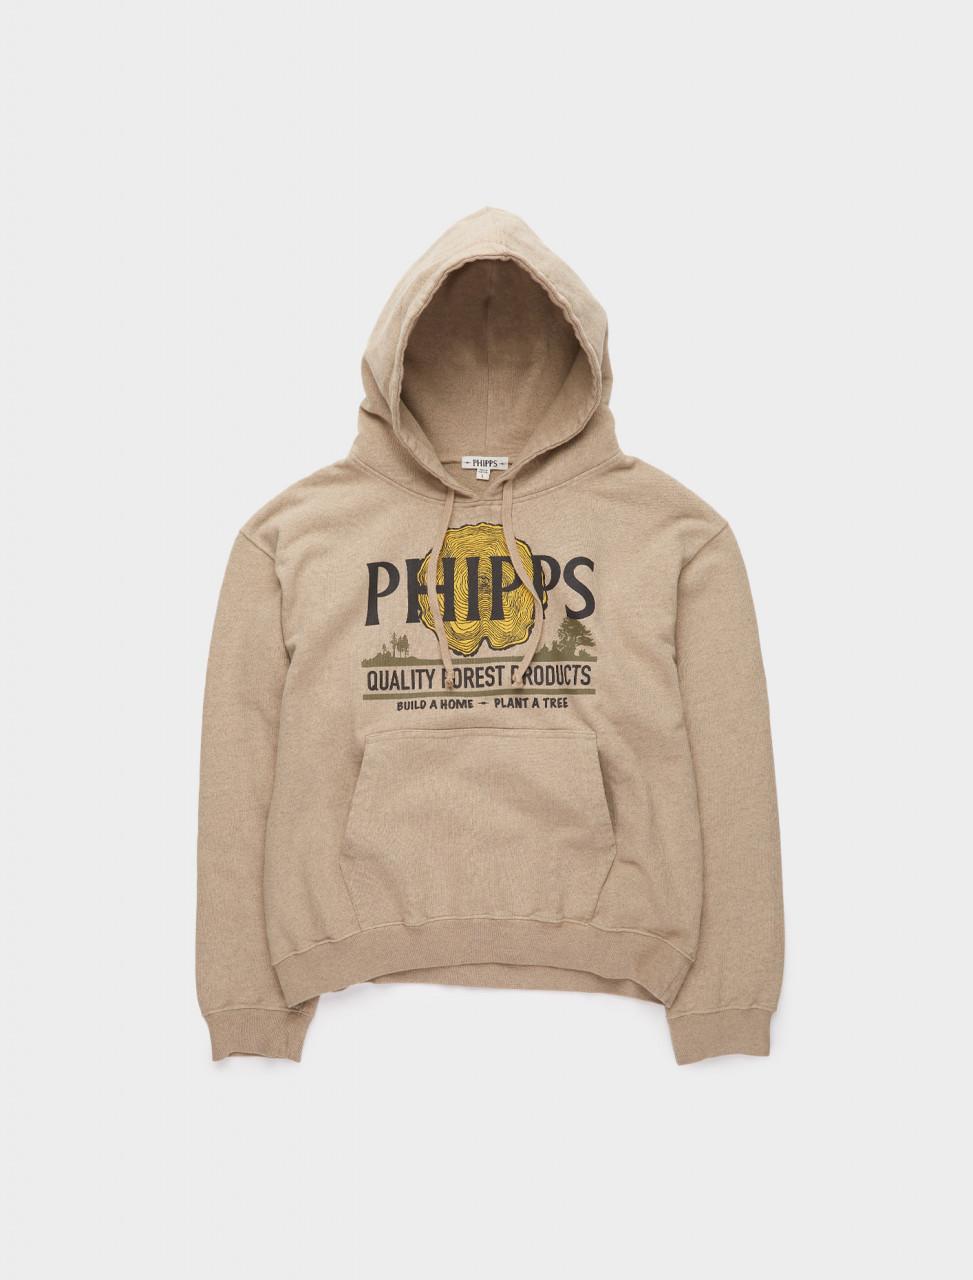 261-PHFW20-N18-B PHIPPS SWEATSHIRT FLEECE LUMBER LOGO HOODIE TAUPE